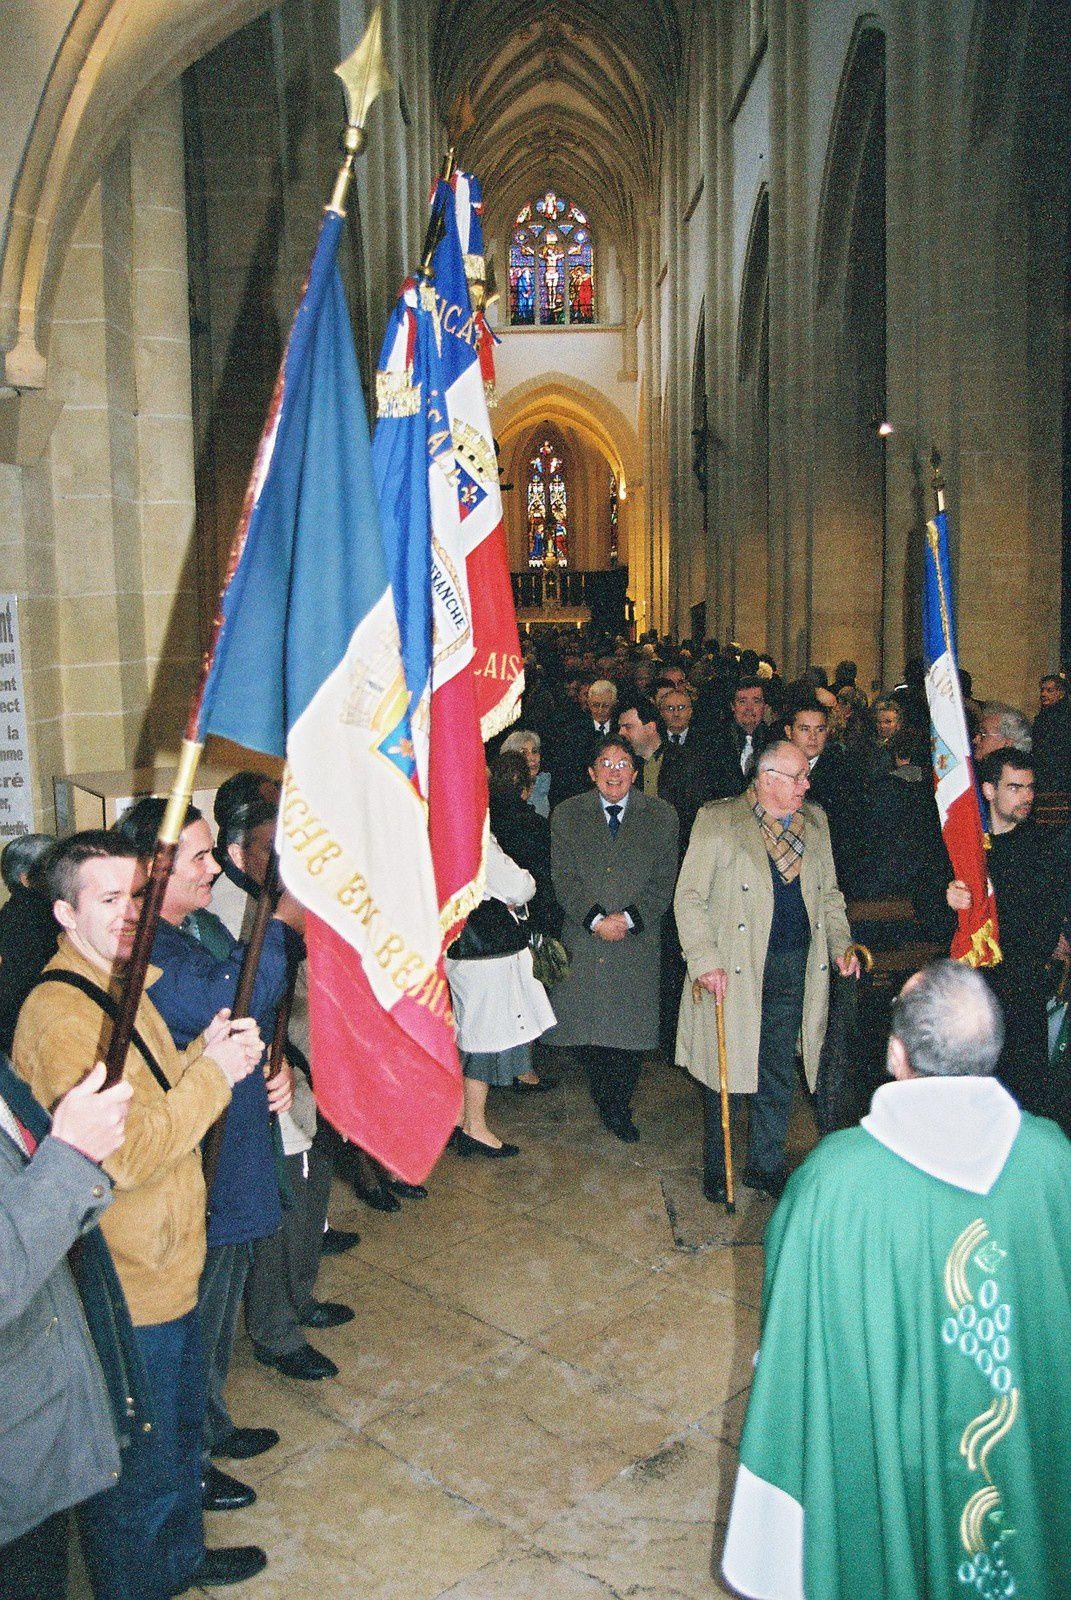 album - 2005-01-23-00 remise_drapeau_cl_2005